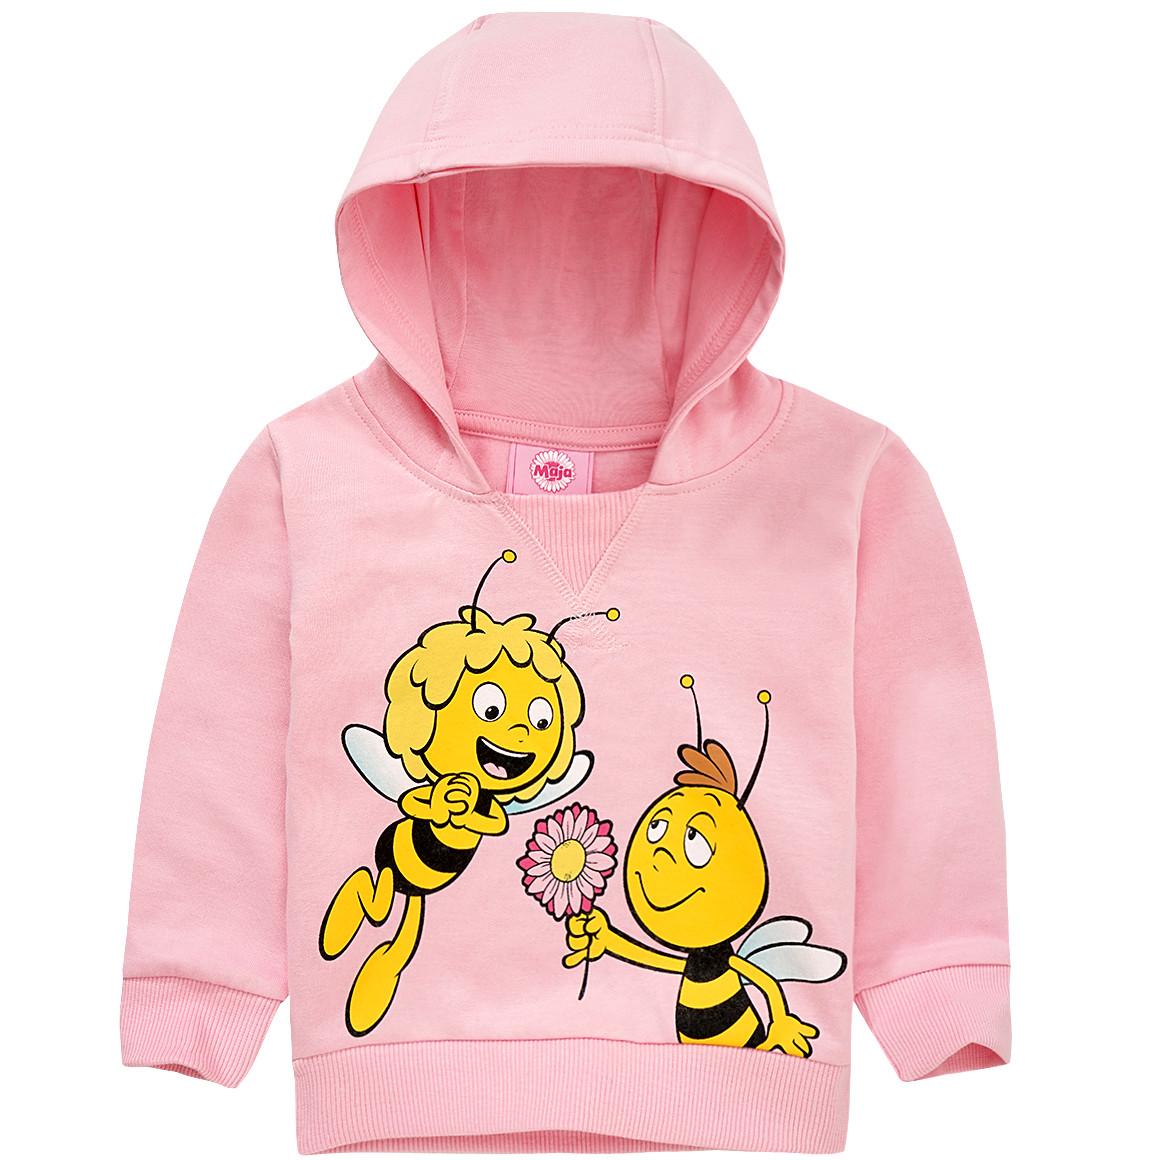 Die Biene Maja Sweatshirt mit Kapuze